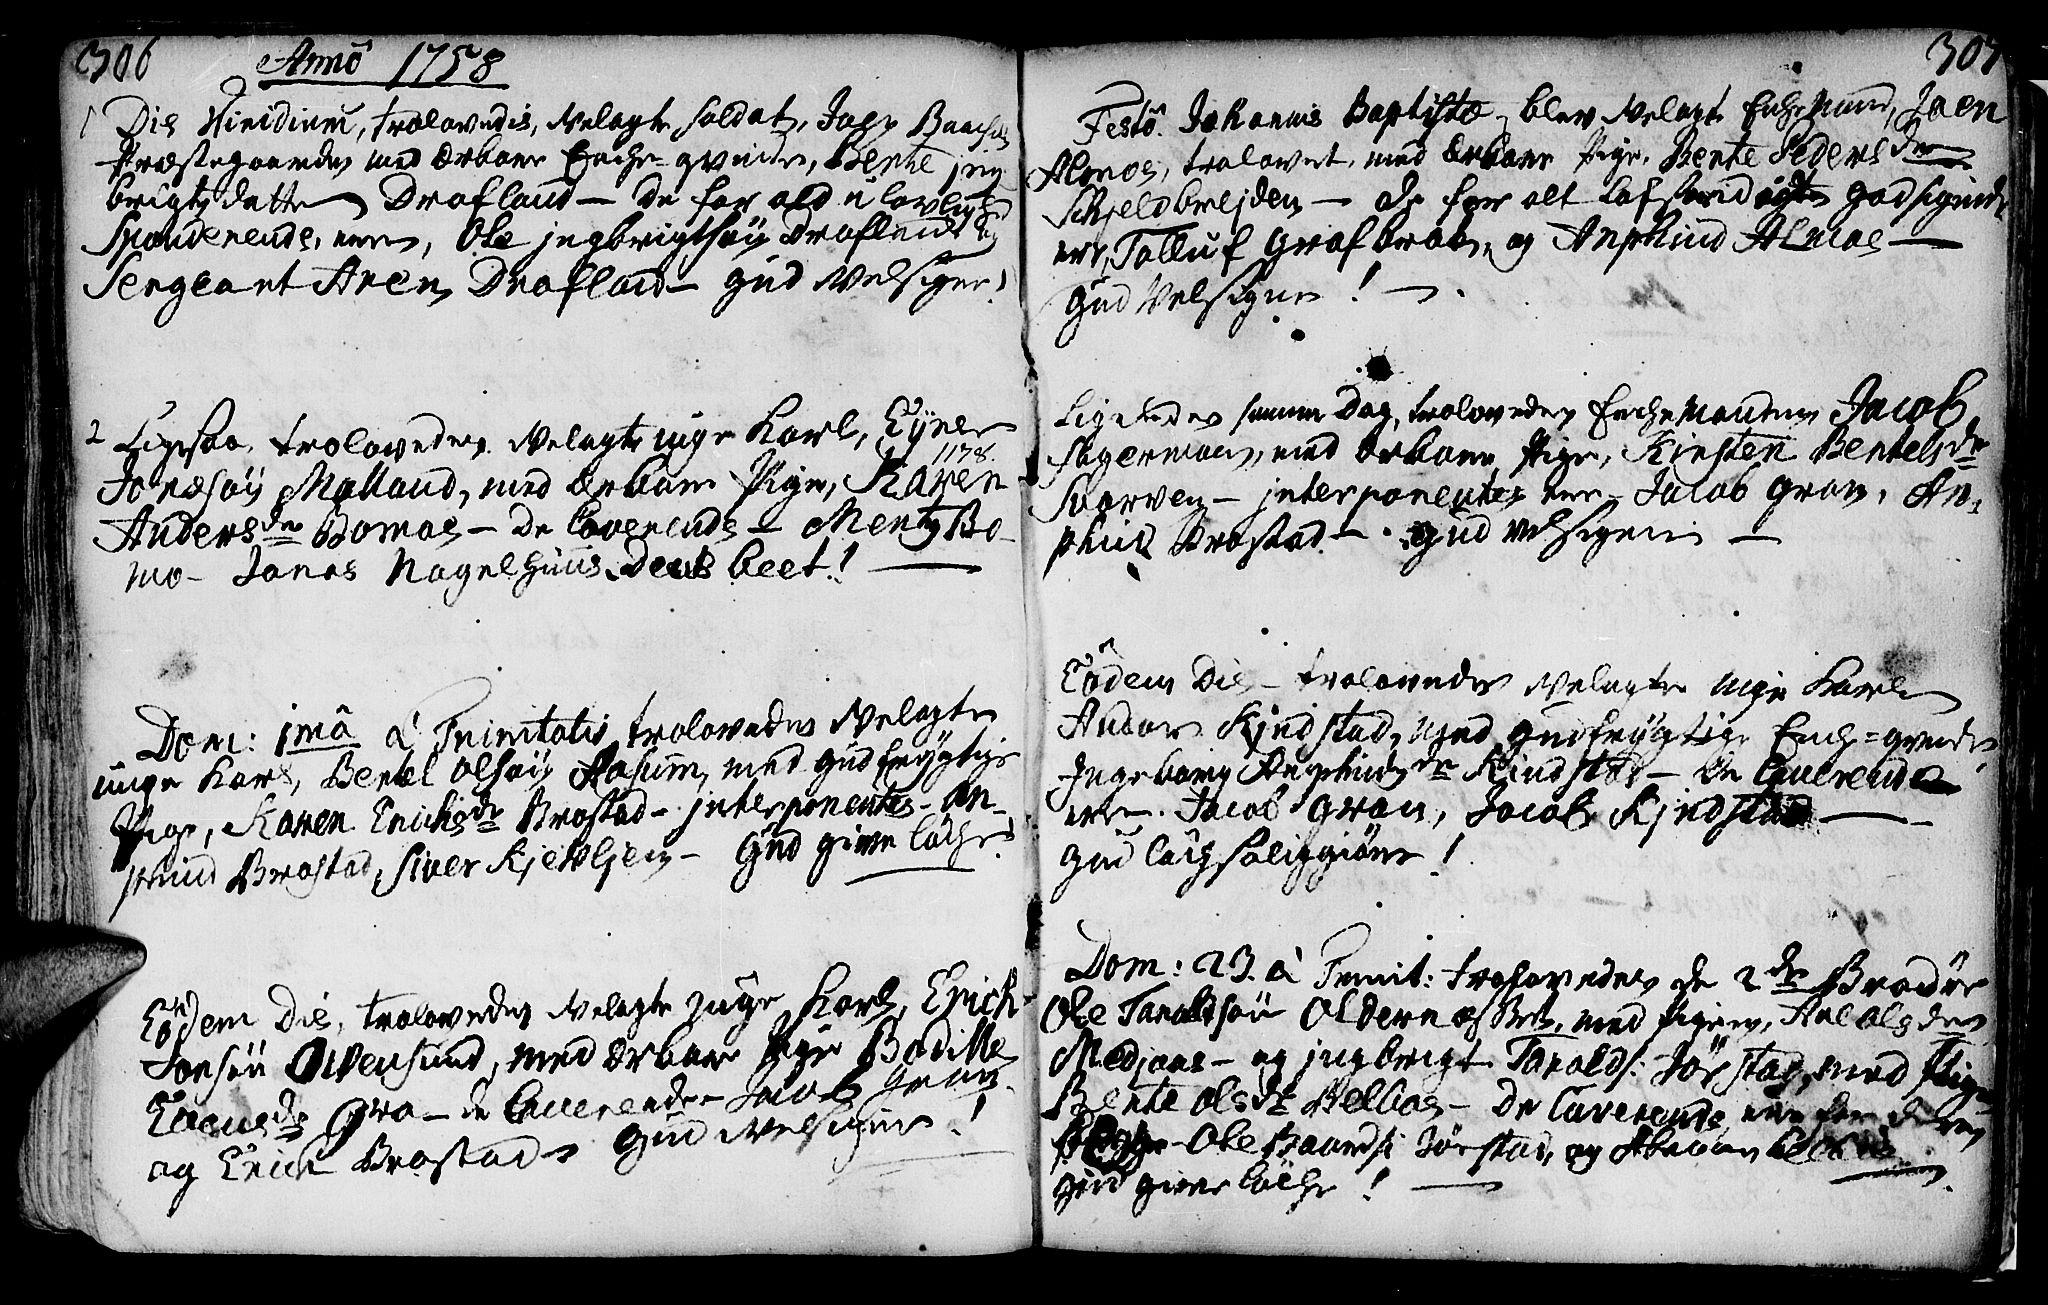 SAT, Ministerialprotokoller, klokkerbøker og fødselsregistre - Nord-Trøndelag, 749/L0467: Ministerialbok nr. 749A01, 1733-1787, s. 306-307